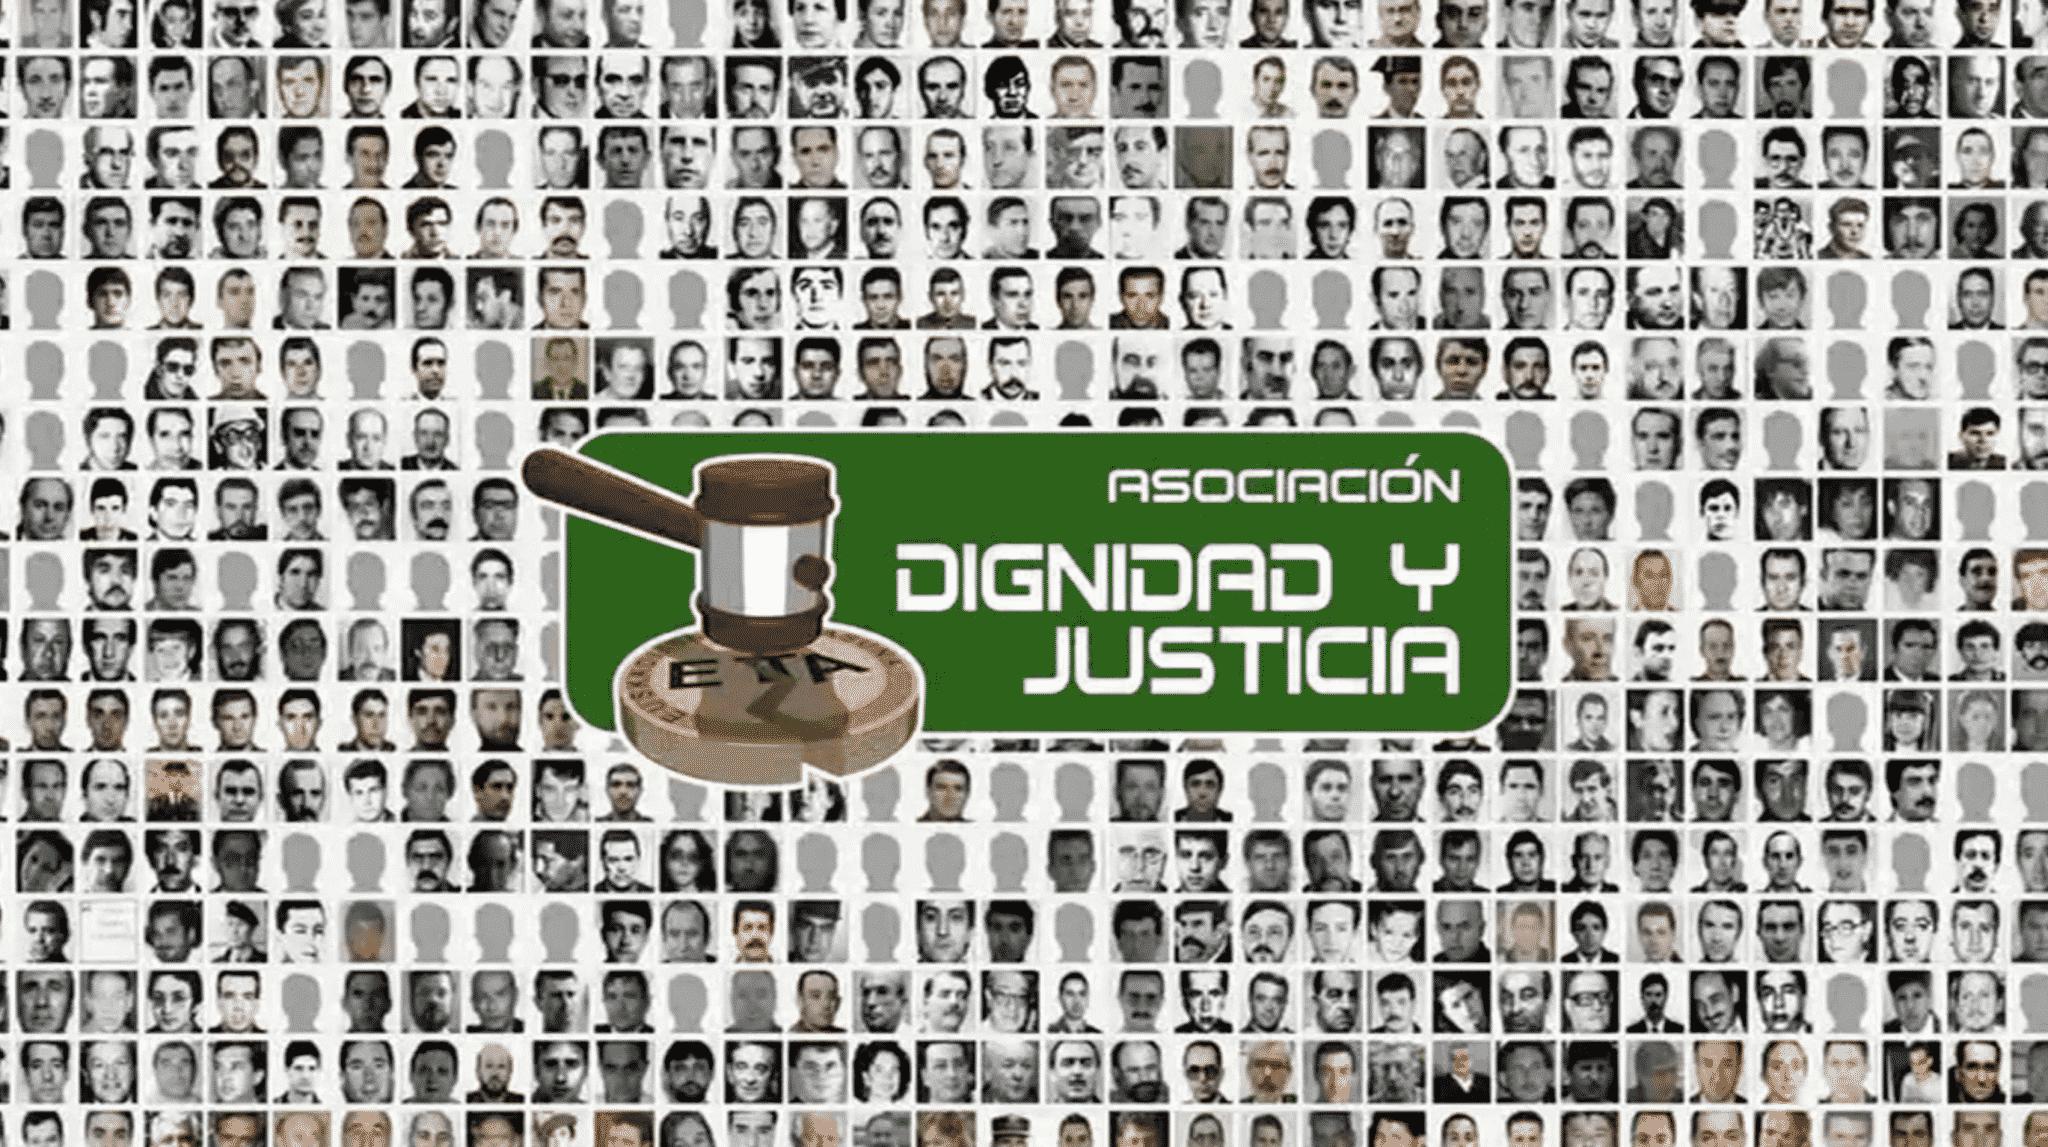 La Fundación Villacisneros asiste al desayuno informativo de la Asociación  Dignidad y Justicia en su denuncia ante la política penitenciaria del  Gobierno – Fundación Villacisneros